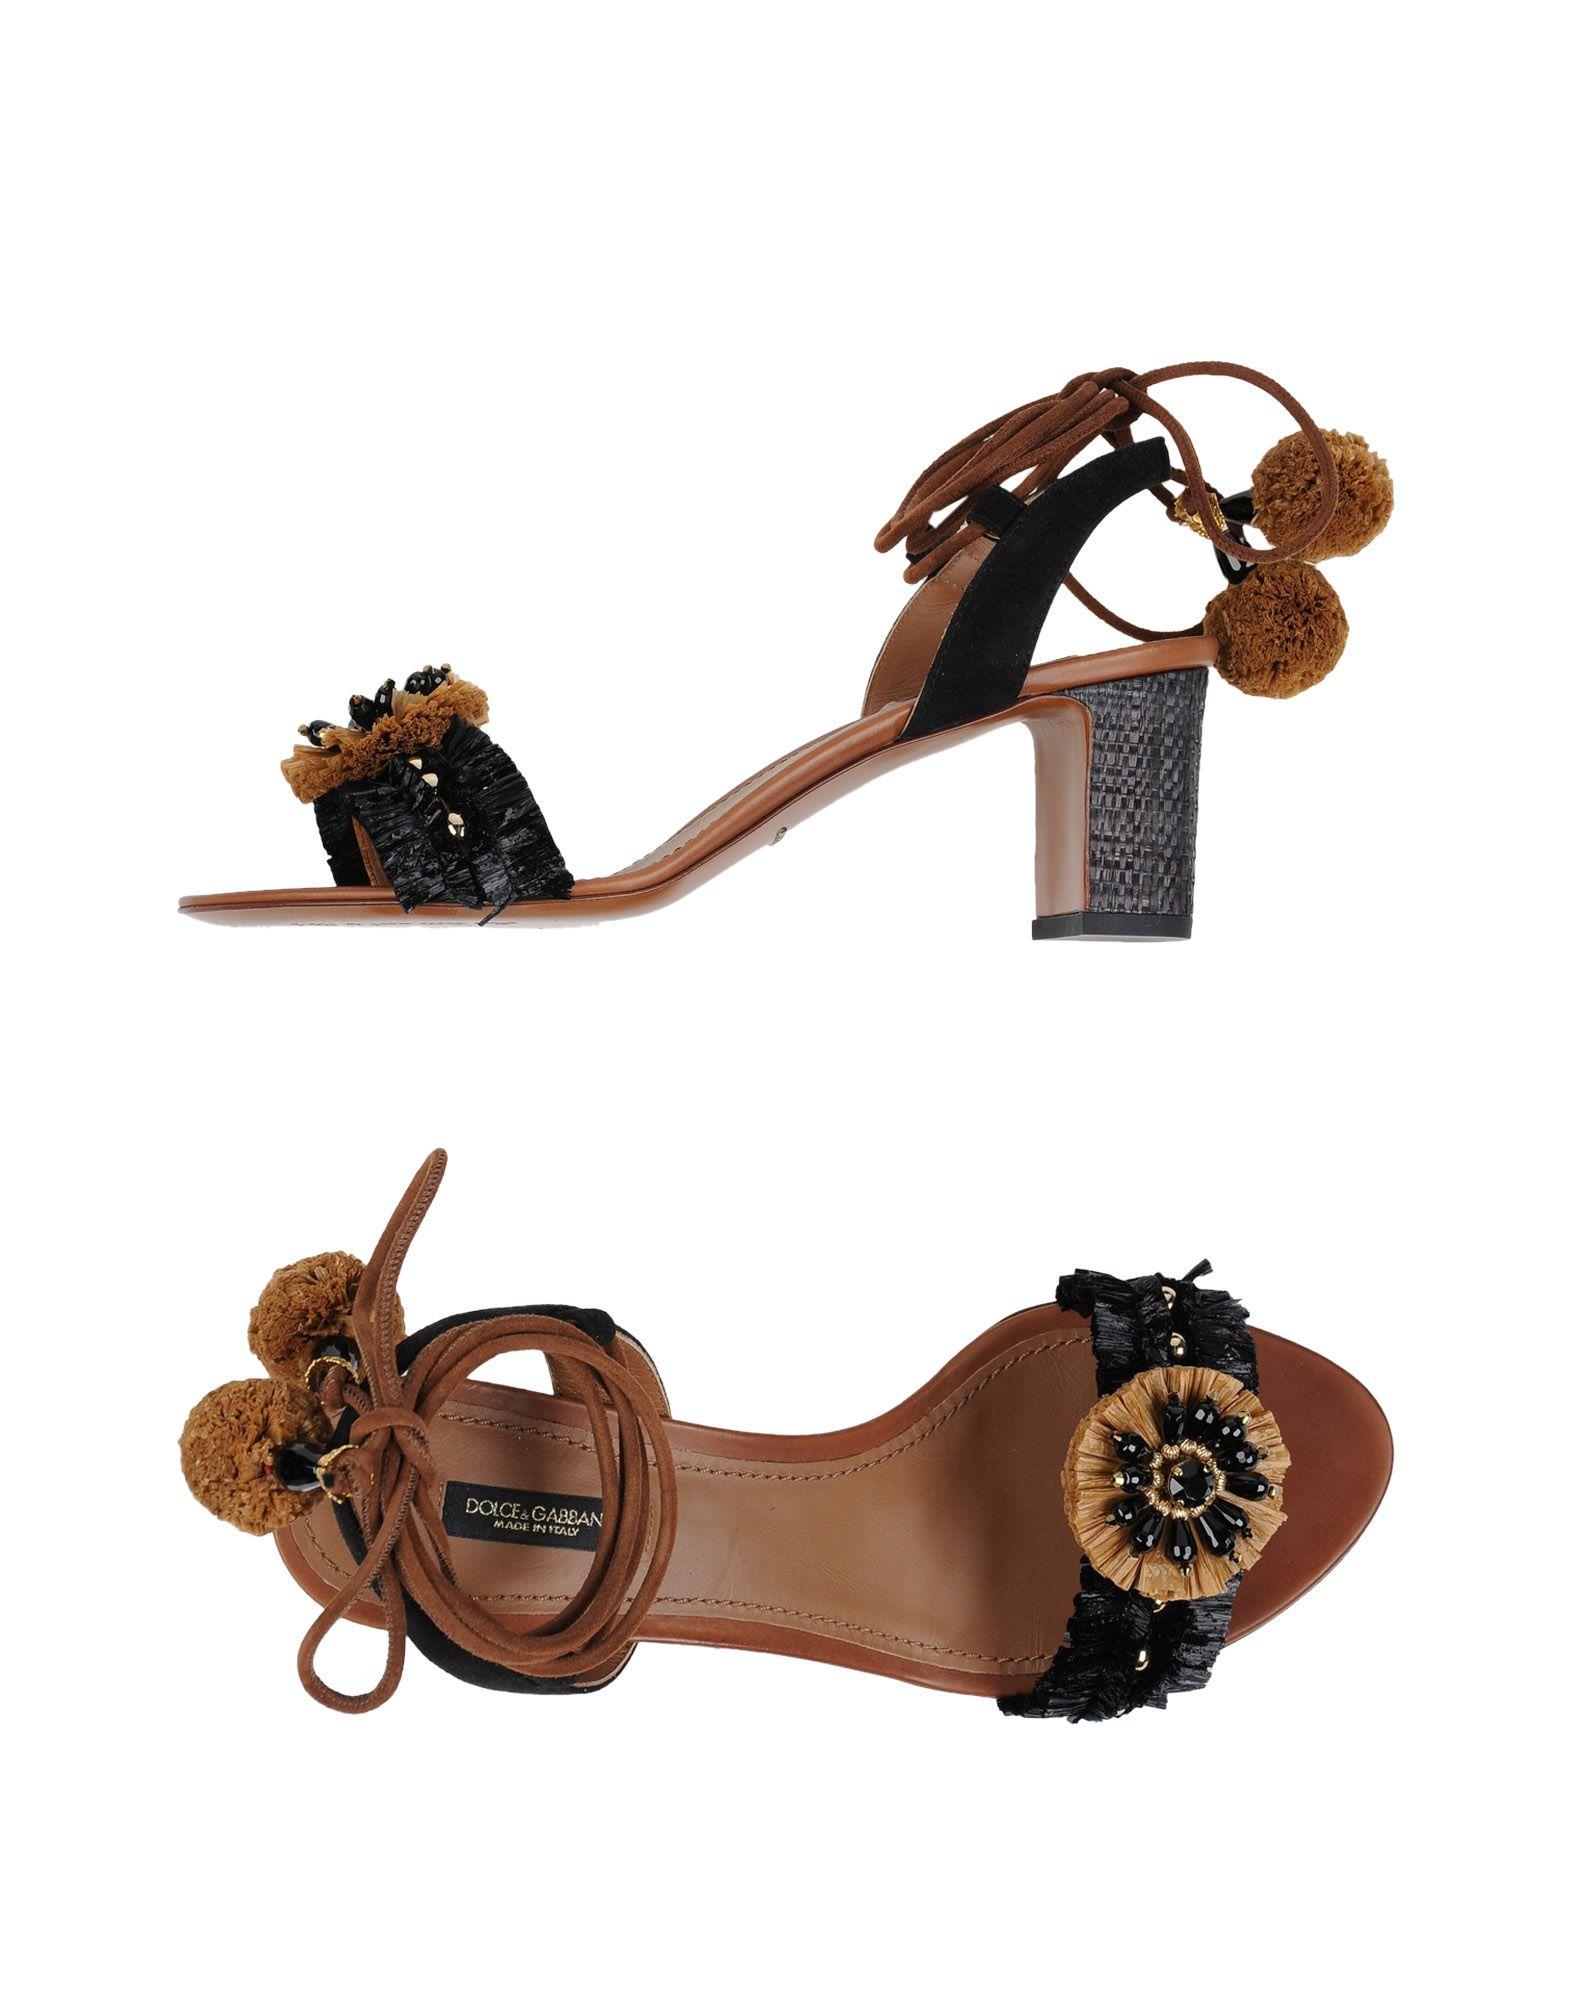 Dolce & 11364894MJGünstige Gabbana Sandalen Damen  11364894MJGünstige & gut aussehende Schuhe 65e397